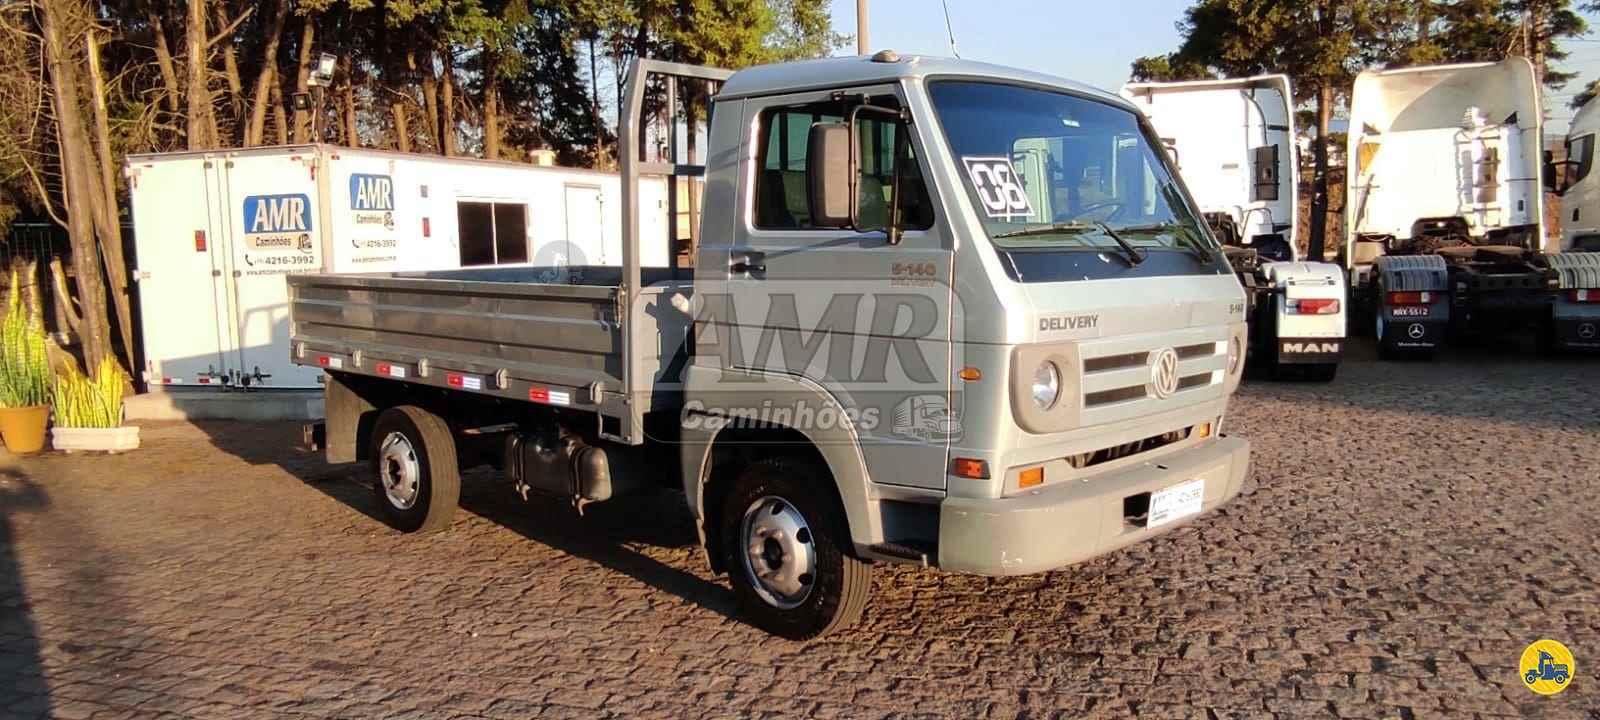 CAMINHAO VOLKSWAGEN VW 5140 Carga Seca Truck 6x2 AMR Caminhões JUNDIAI SÃO PAULO SP